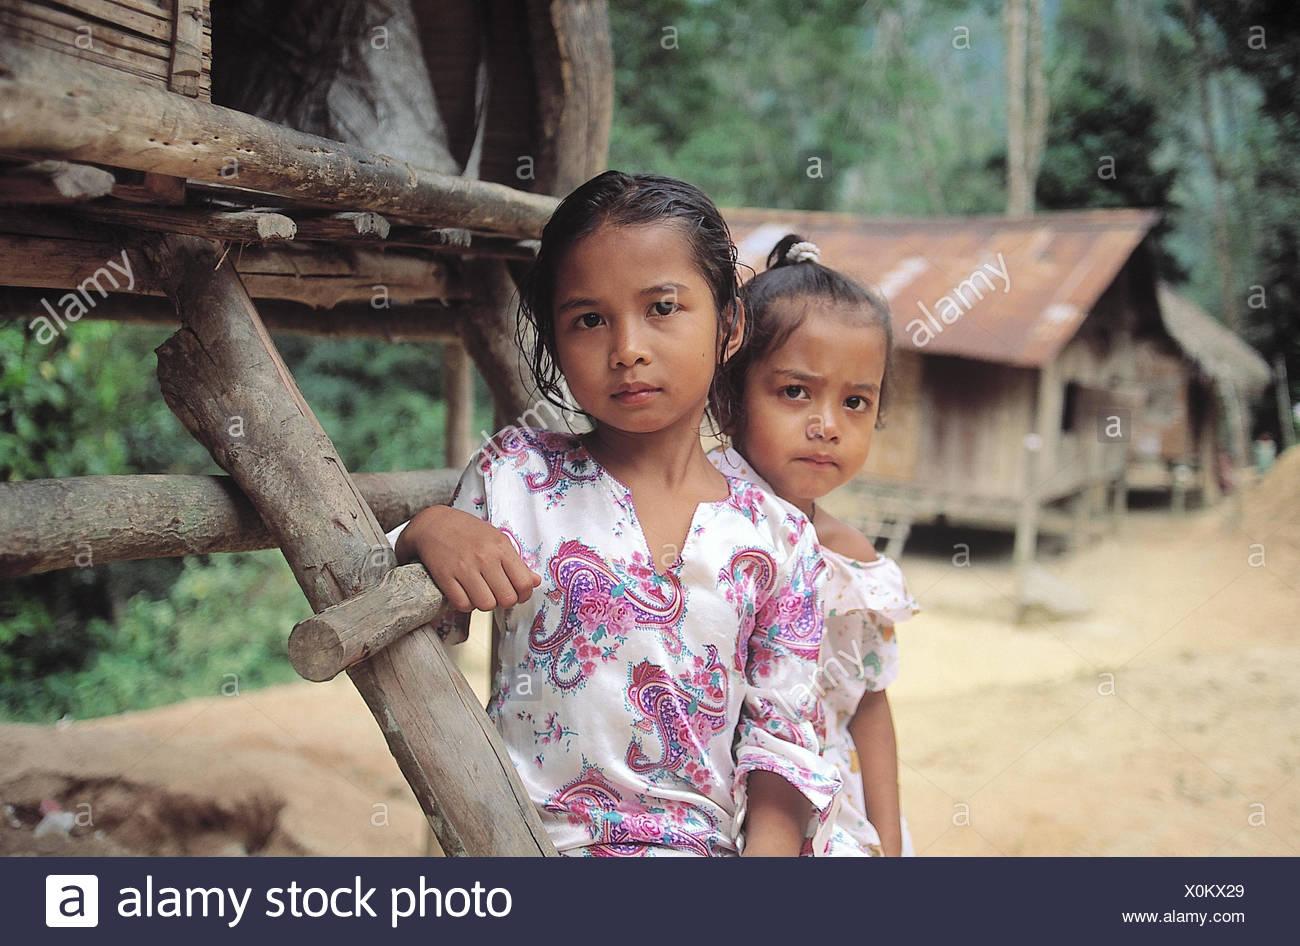 Malaysia, Cameron Highlands, Orang Asli, Pfahlbauten, Kinder  Asien, Bergland, Mädchen, zwei, einheimisch, Einheimische, außen, - Stock Image